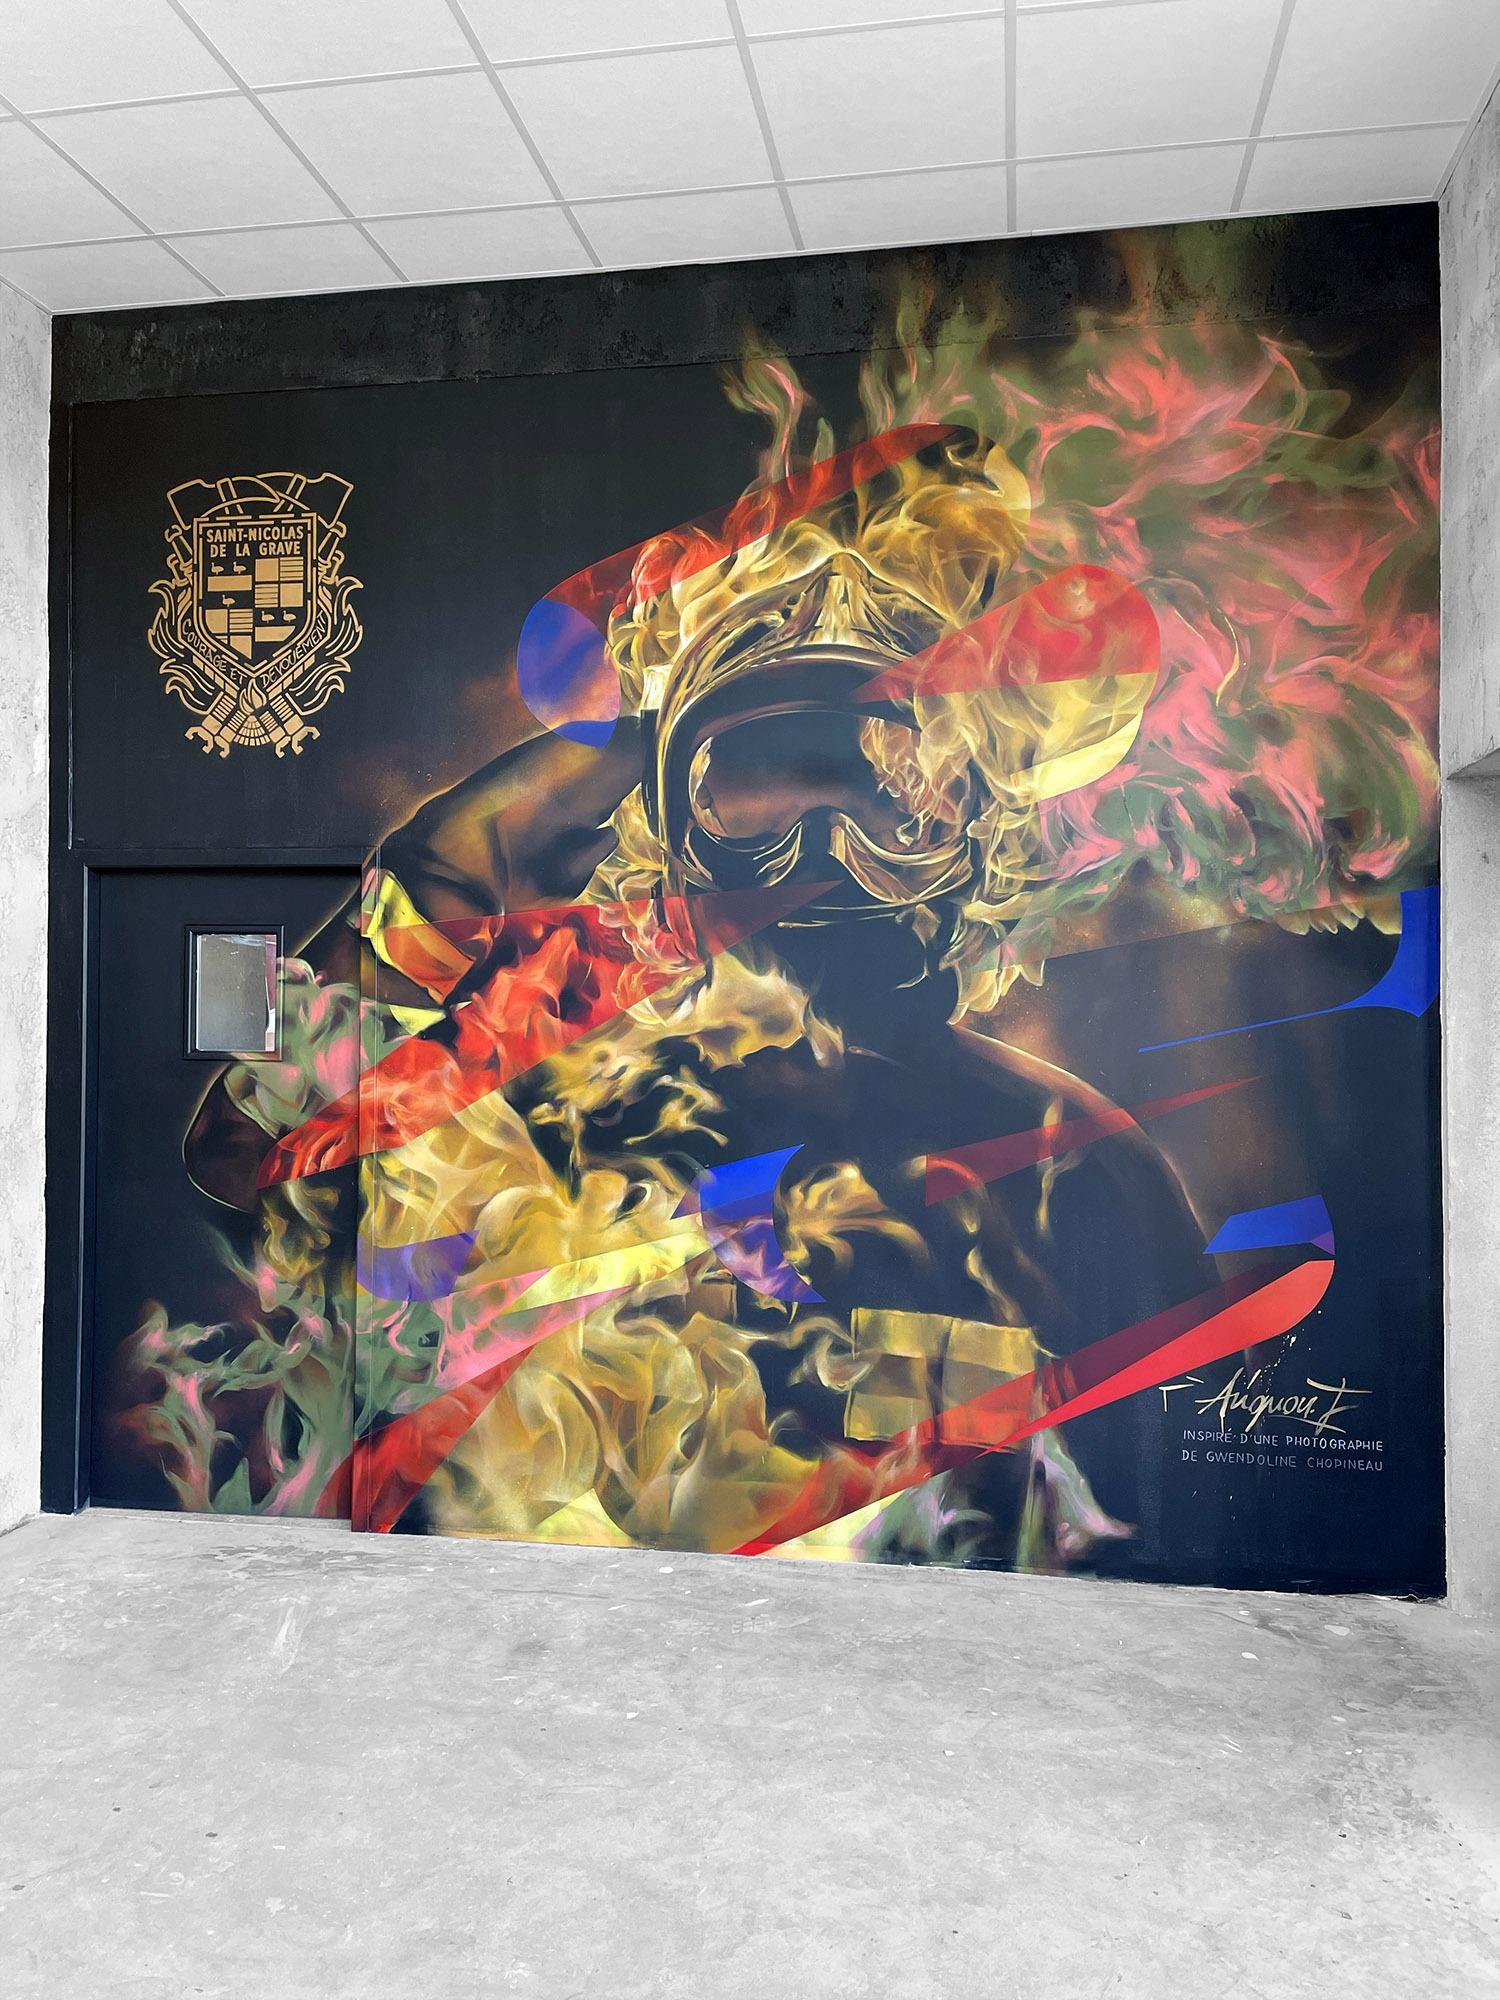 Fresque-pompiers-Graffiti-flamme-casque-graffeur-toulouse-halltimes